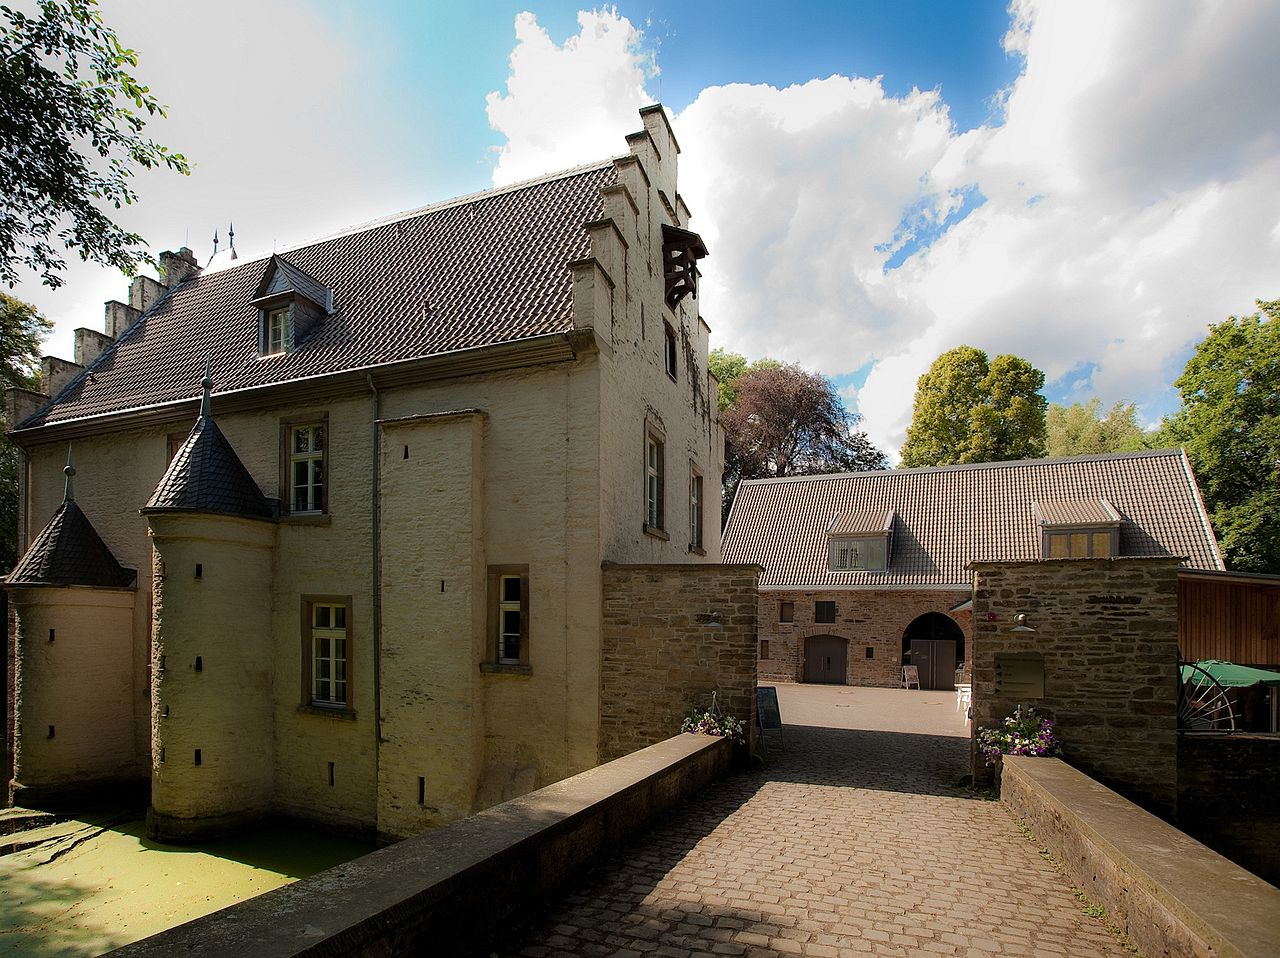 Bild Wasserschloss Werdringen Hagen